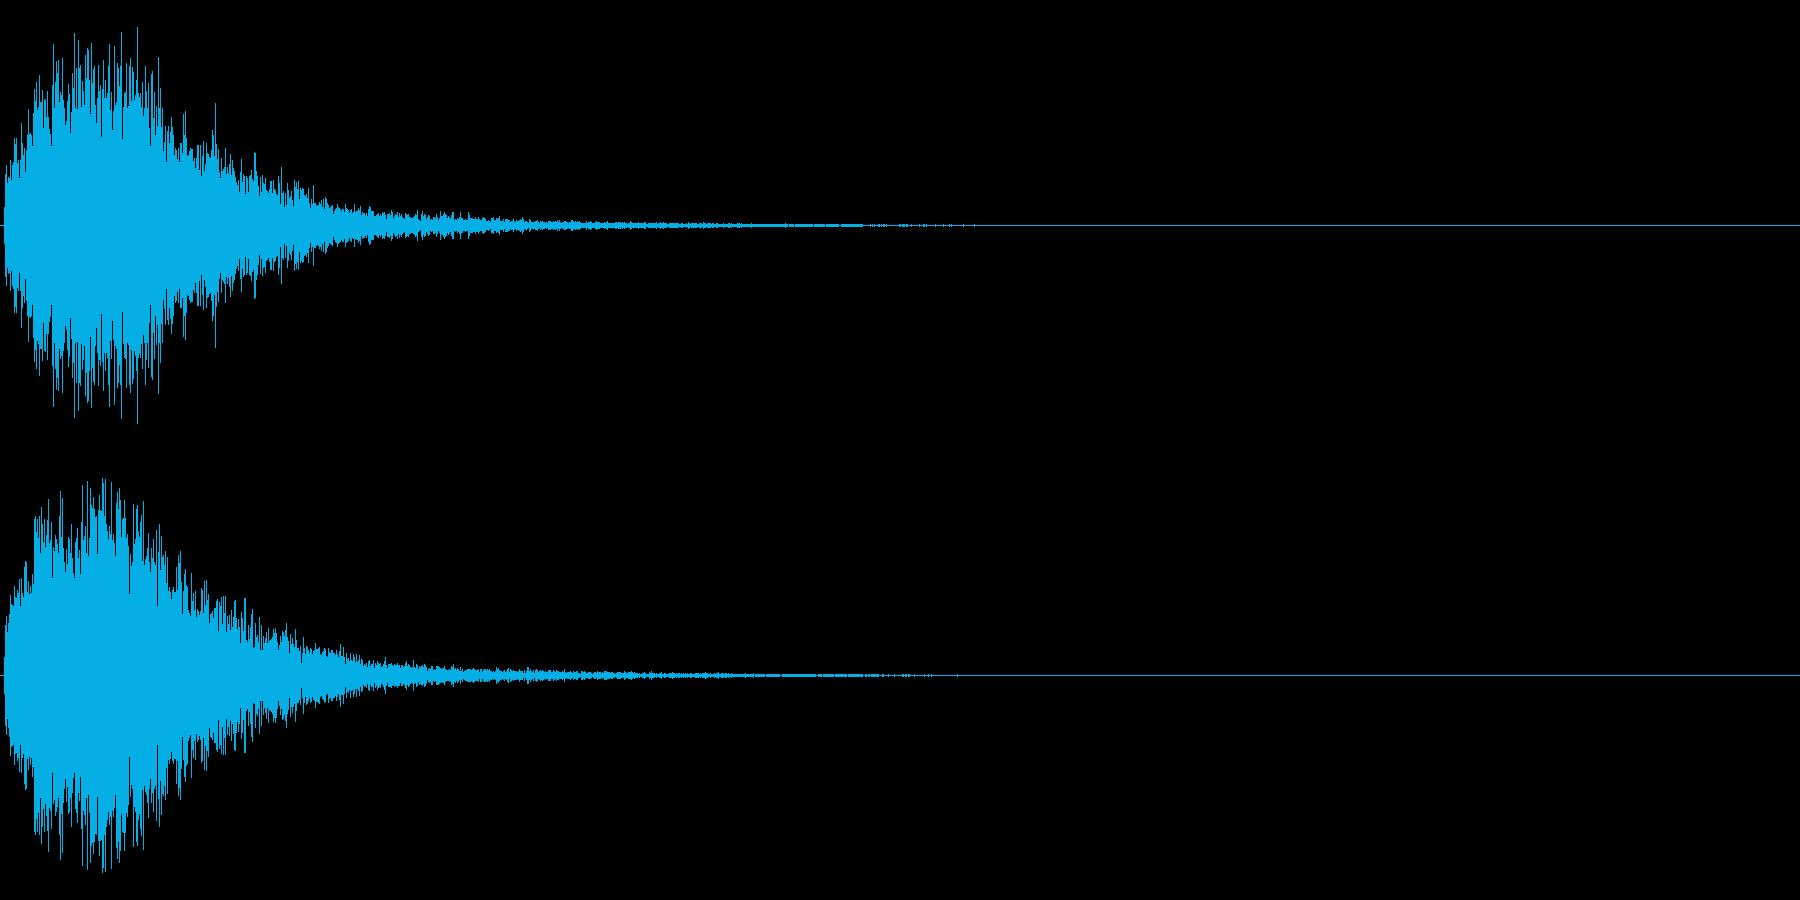 デデーン♪オーケストラヒット効果音01cの再生済みの波形